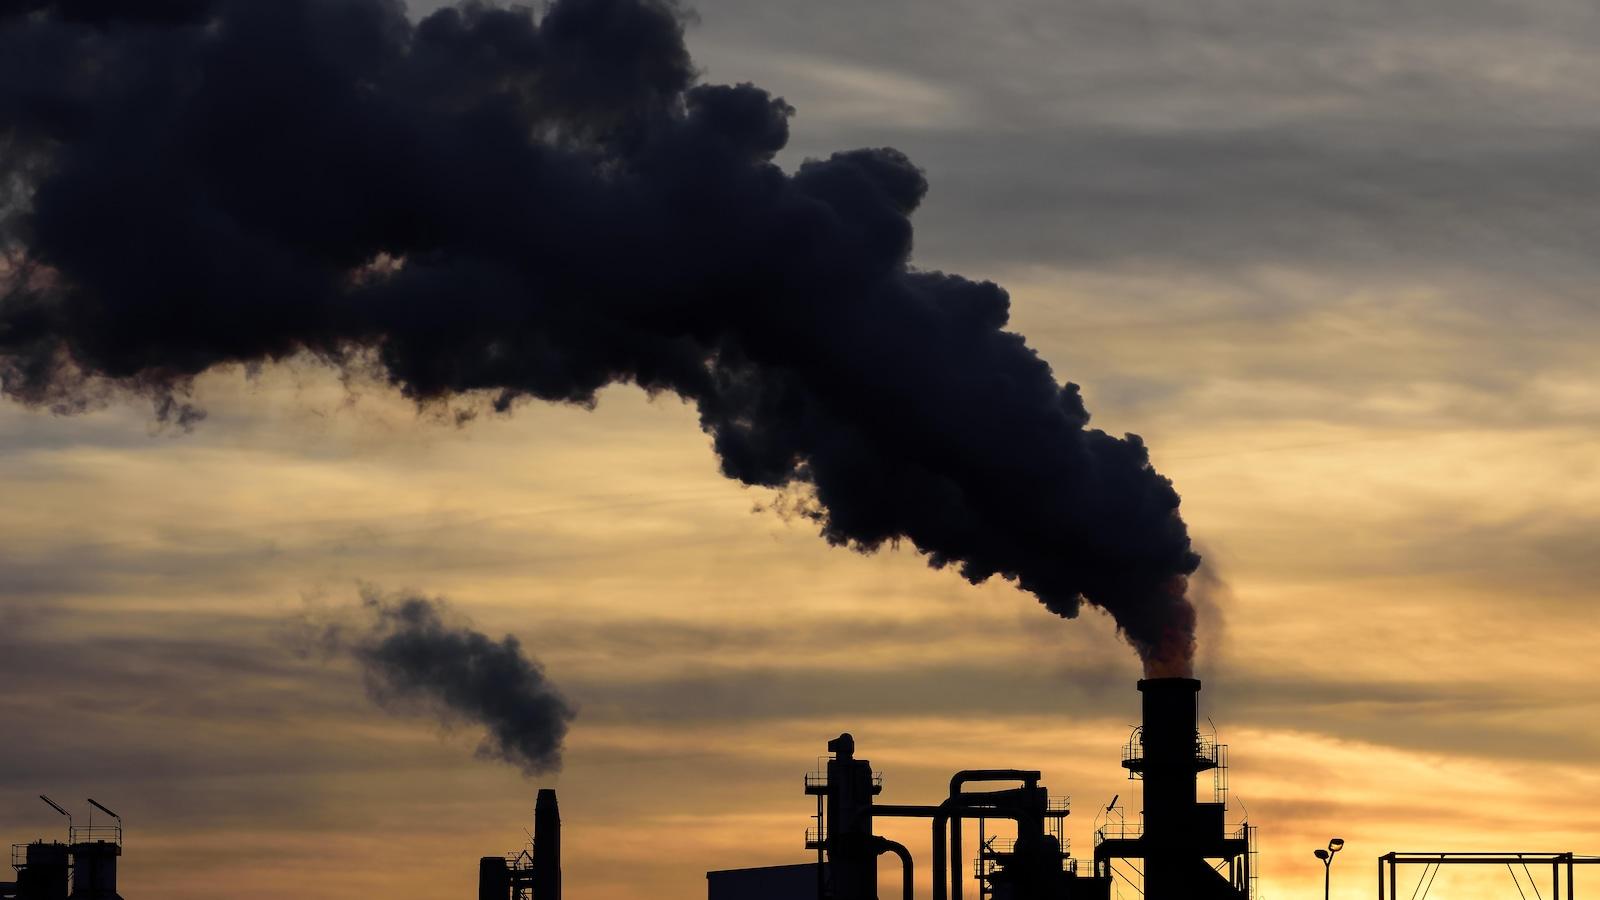 Un nuage de pollution sortant d'une cheminée d'usine.